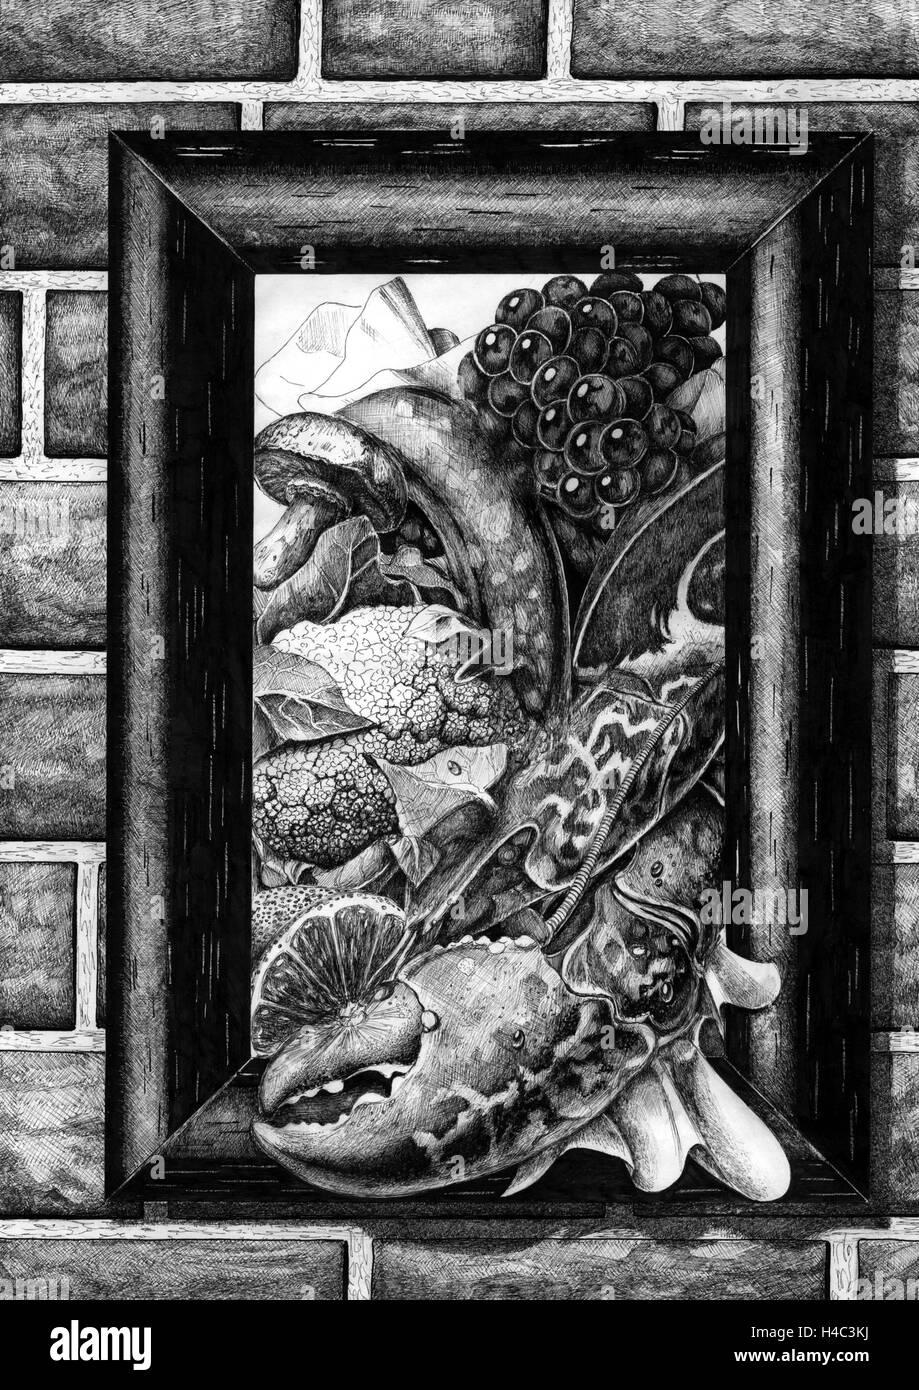 Malerei mit Hummer, Pilzen, Trauben und Gemüse Stockfoto, Bild ...